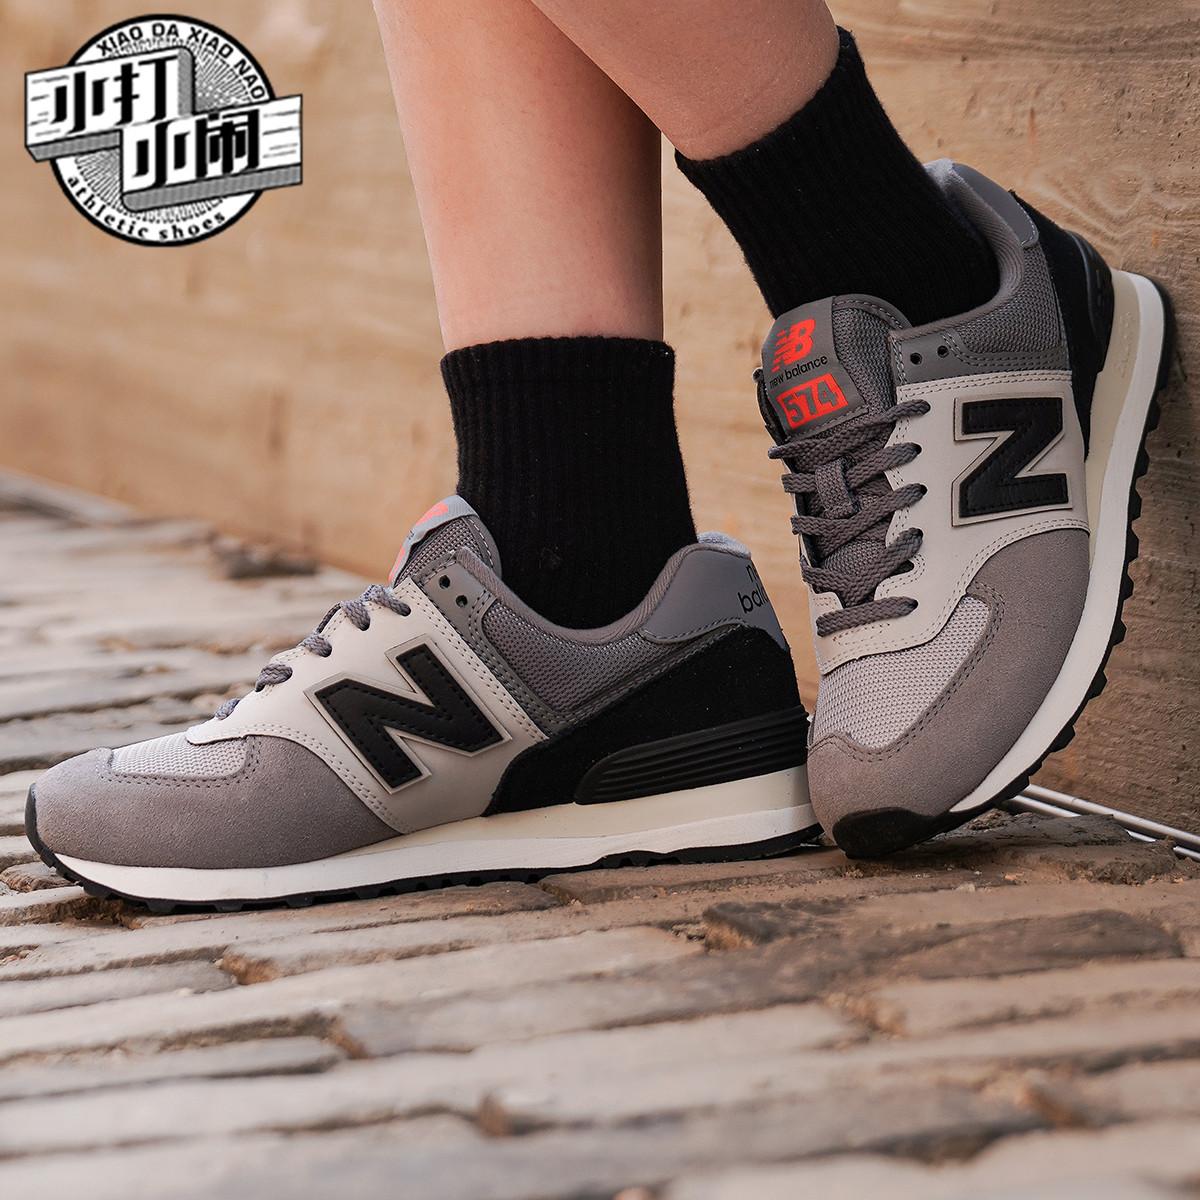 NEW BALANCE/NB 男鞋女鞋2020夏透气休闲运动板鞋 ML574JHV/JFH